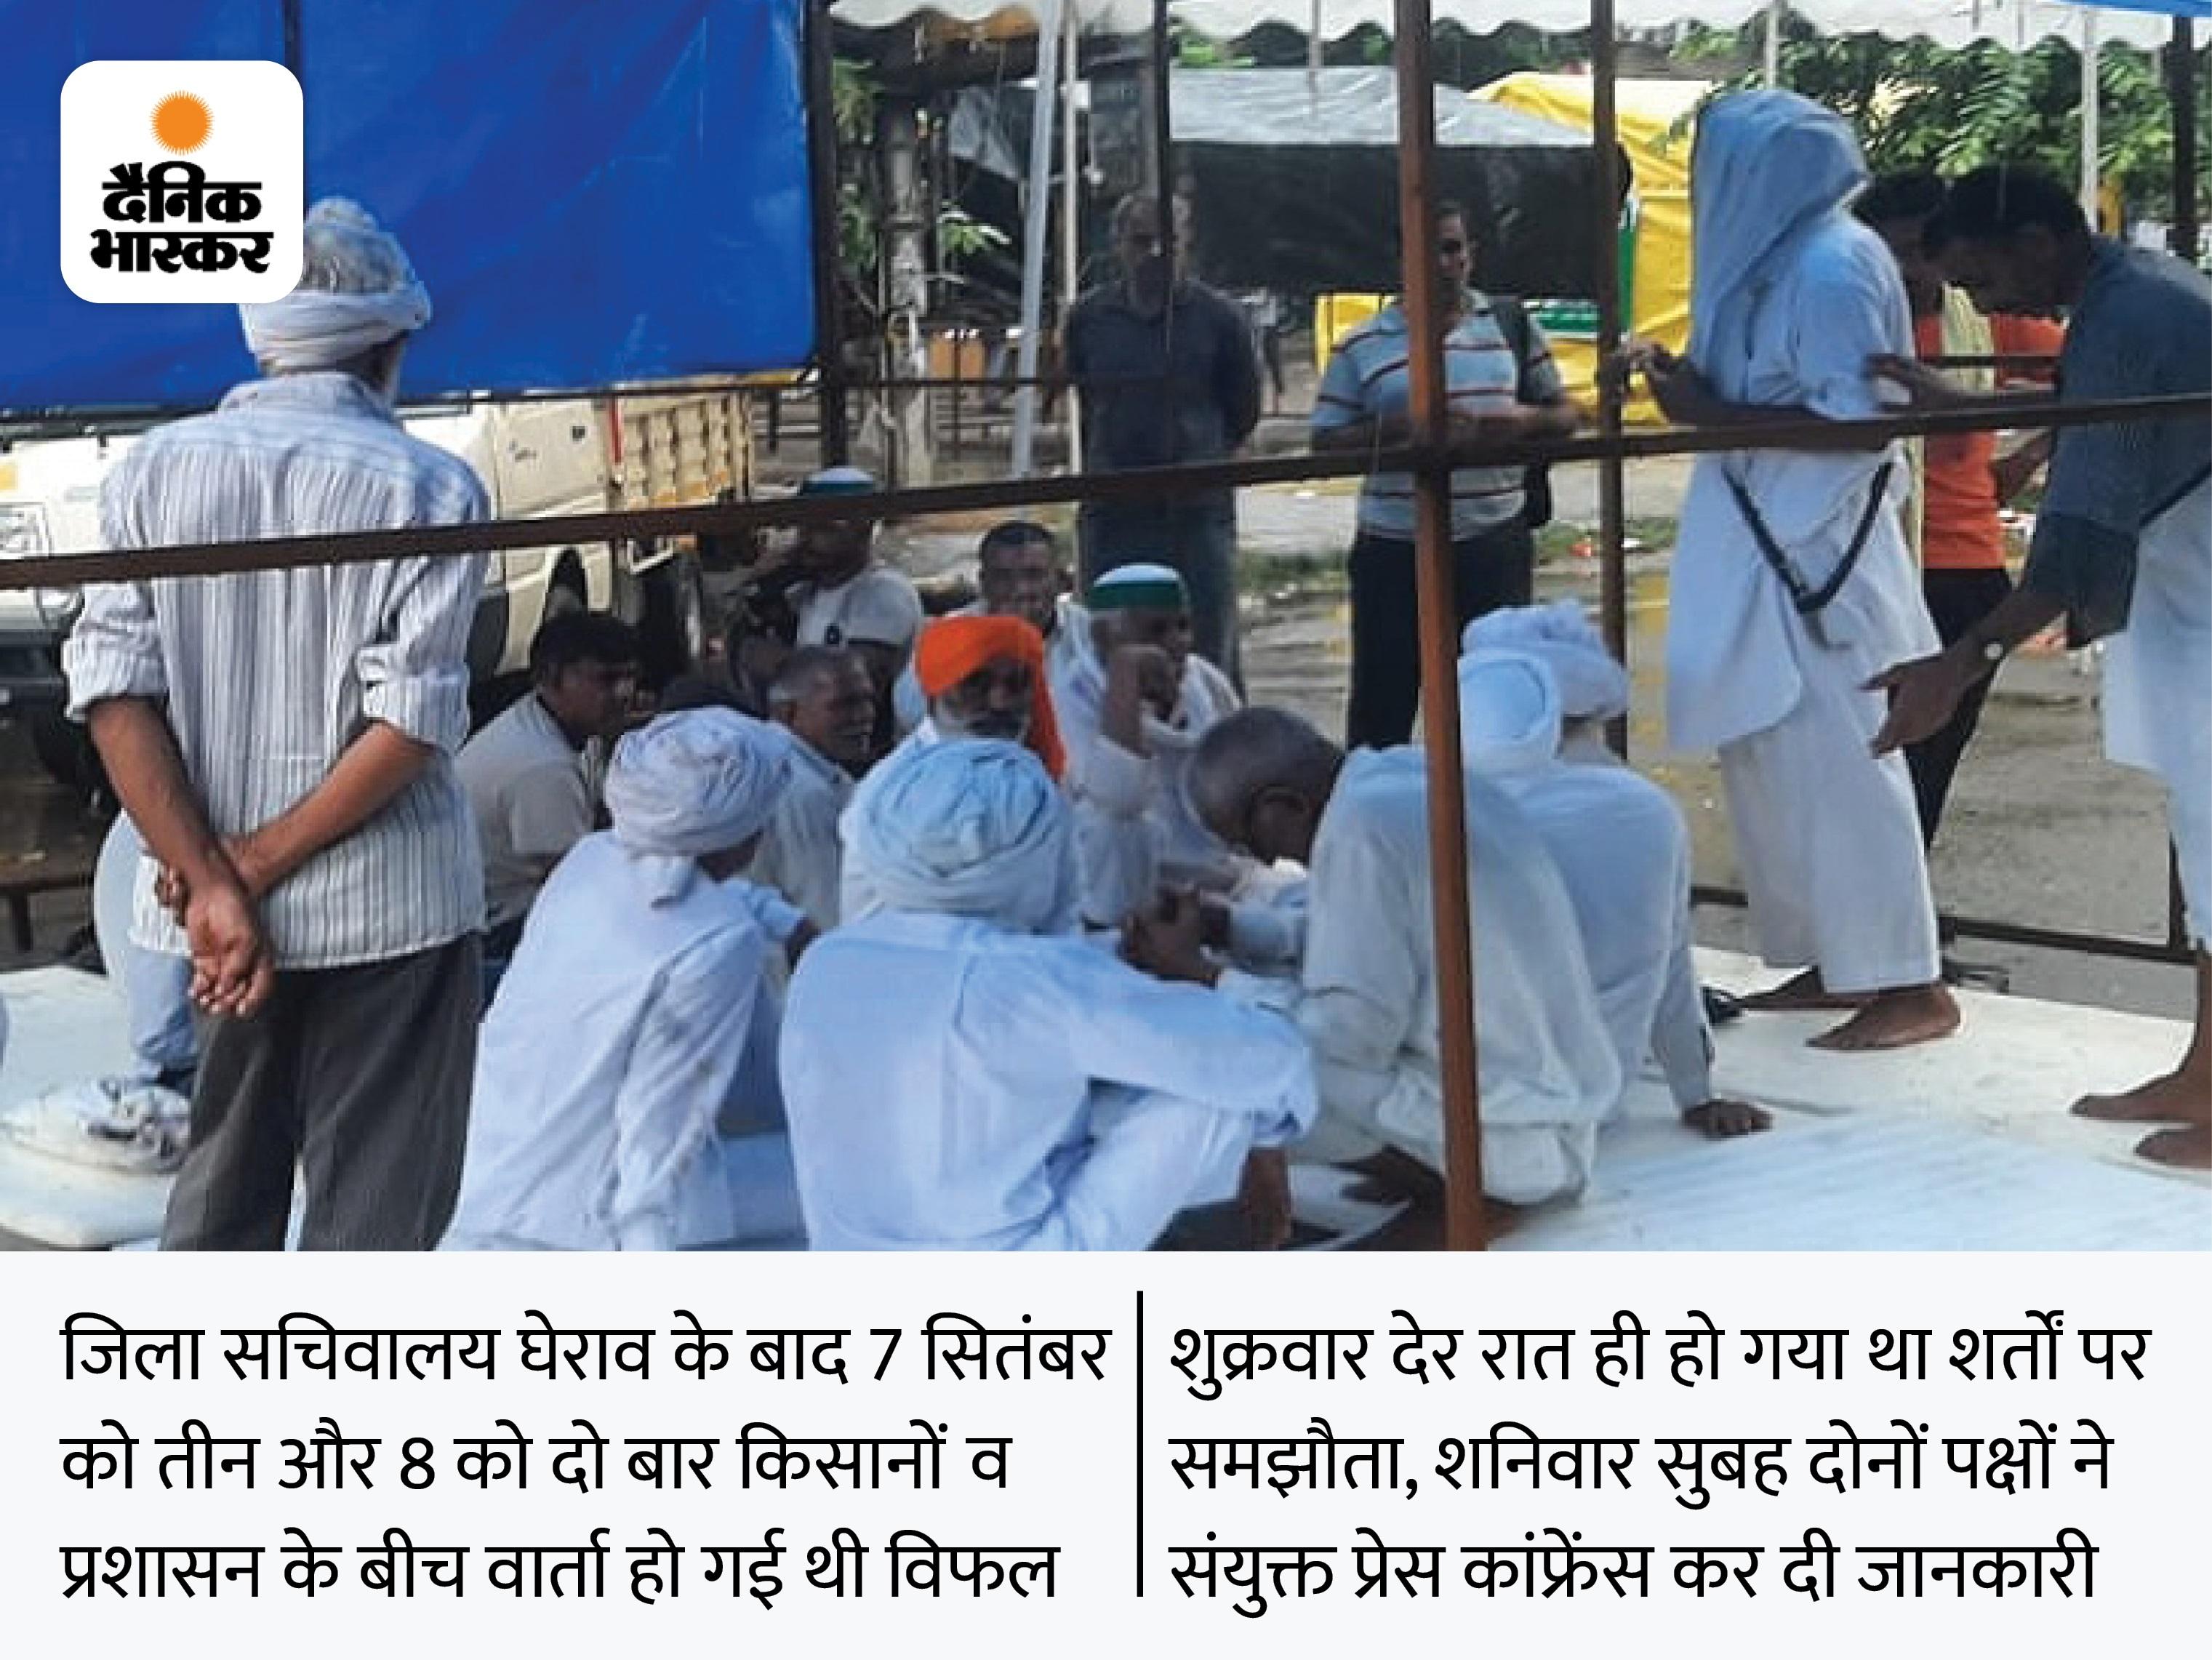 किसान नेताओं ने वकीलों से राय ली, छठे दौर की वार्ता में रखे केस के कानूनी पहलू; 5 दौर में अड़ियल रुख दिखाने वाली सरकार को माननी पड़ी 2 मांगें करनाल,Karnal - Dainik Bhaskar